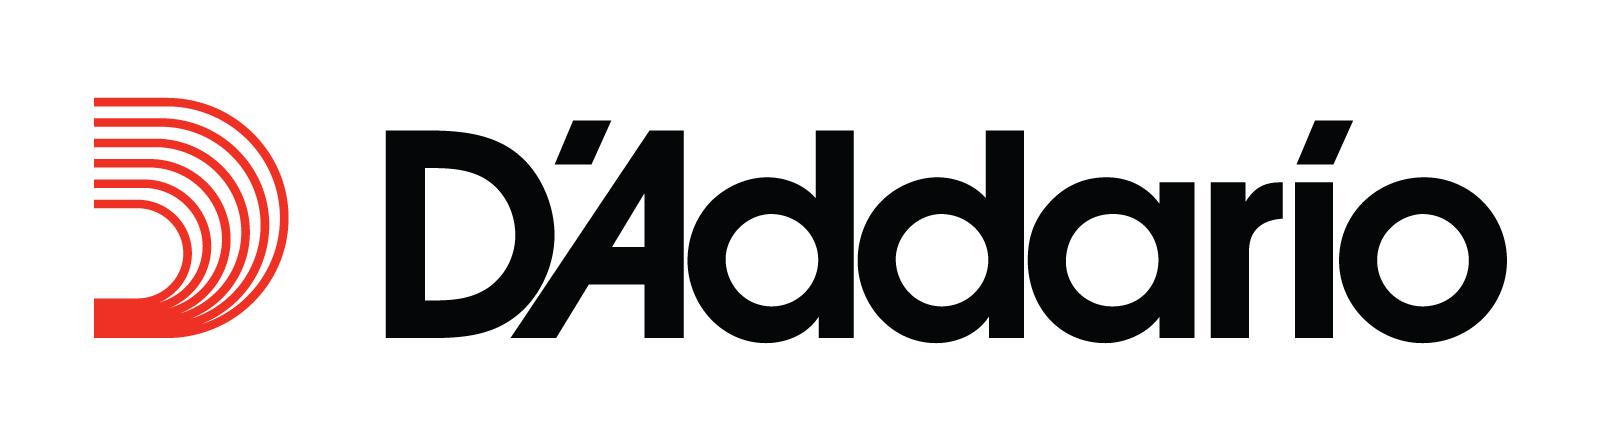 Matt Palmer uses D'Addario strings